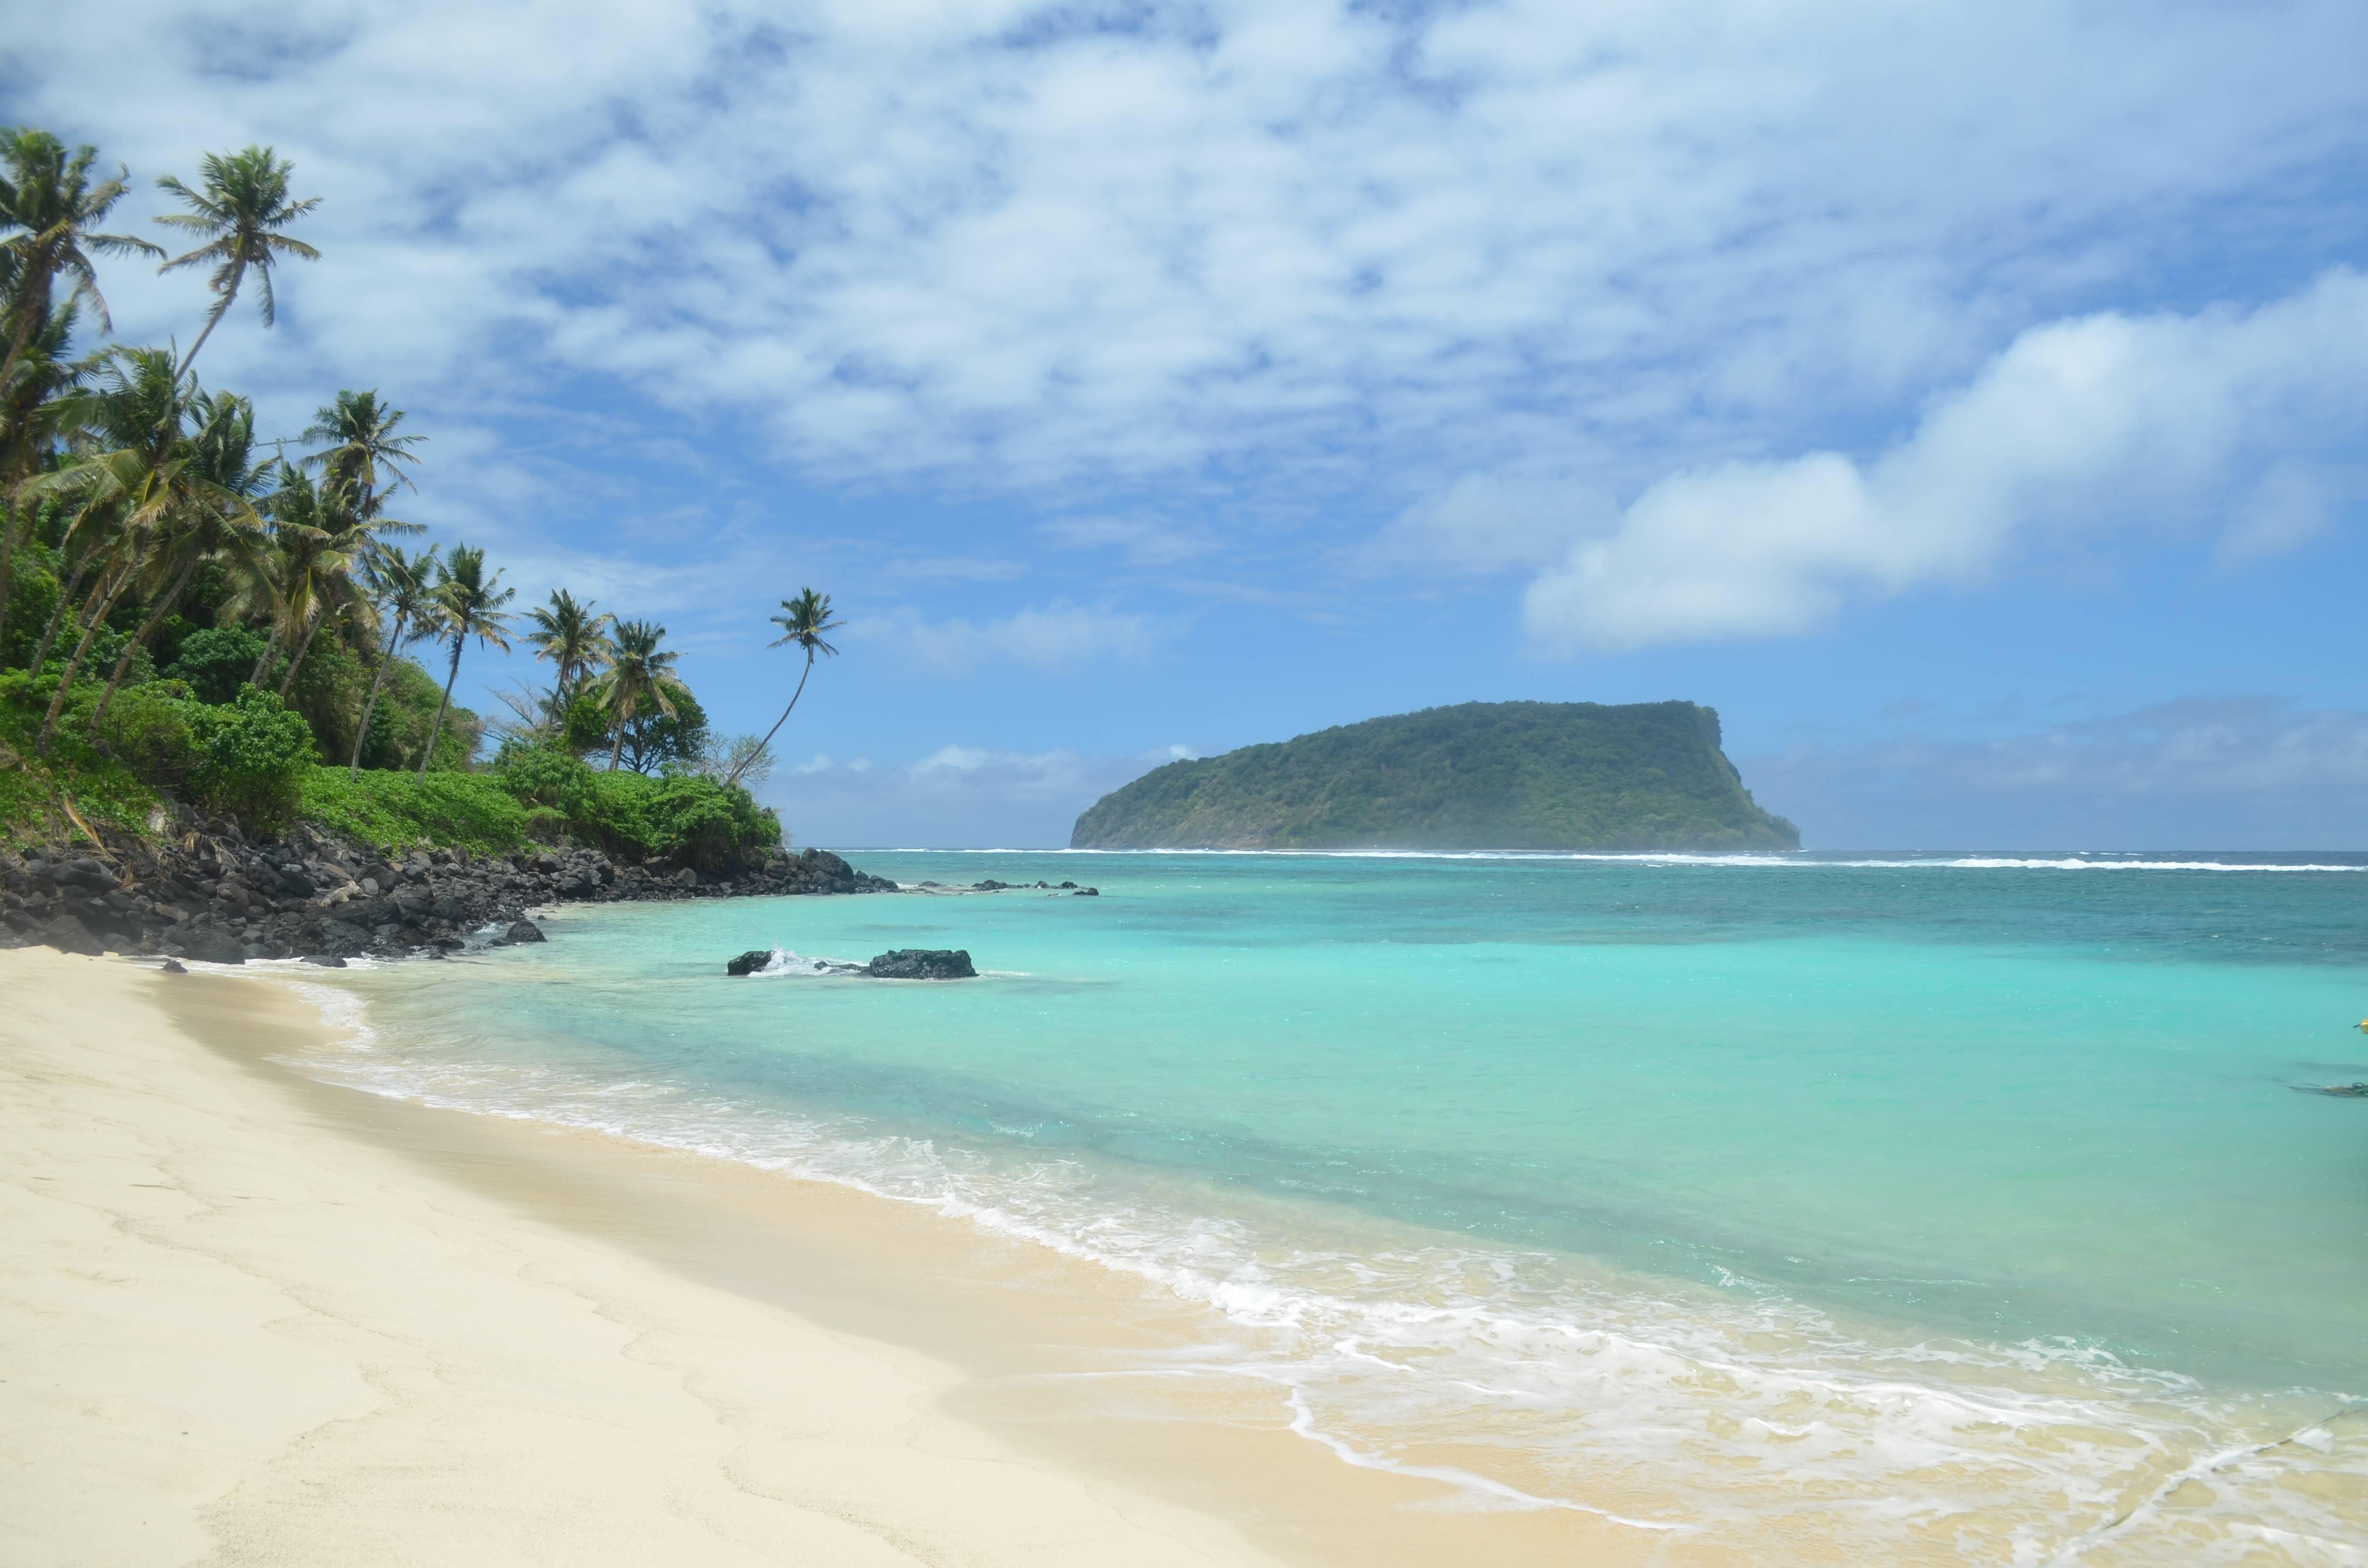 Photo 1: Lalomanu Beach, une des plus belles plages du Pacifique